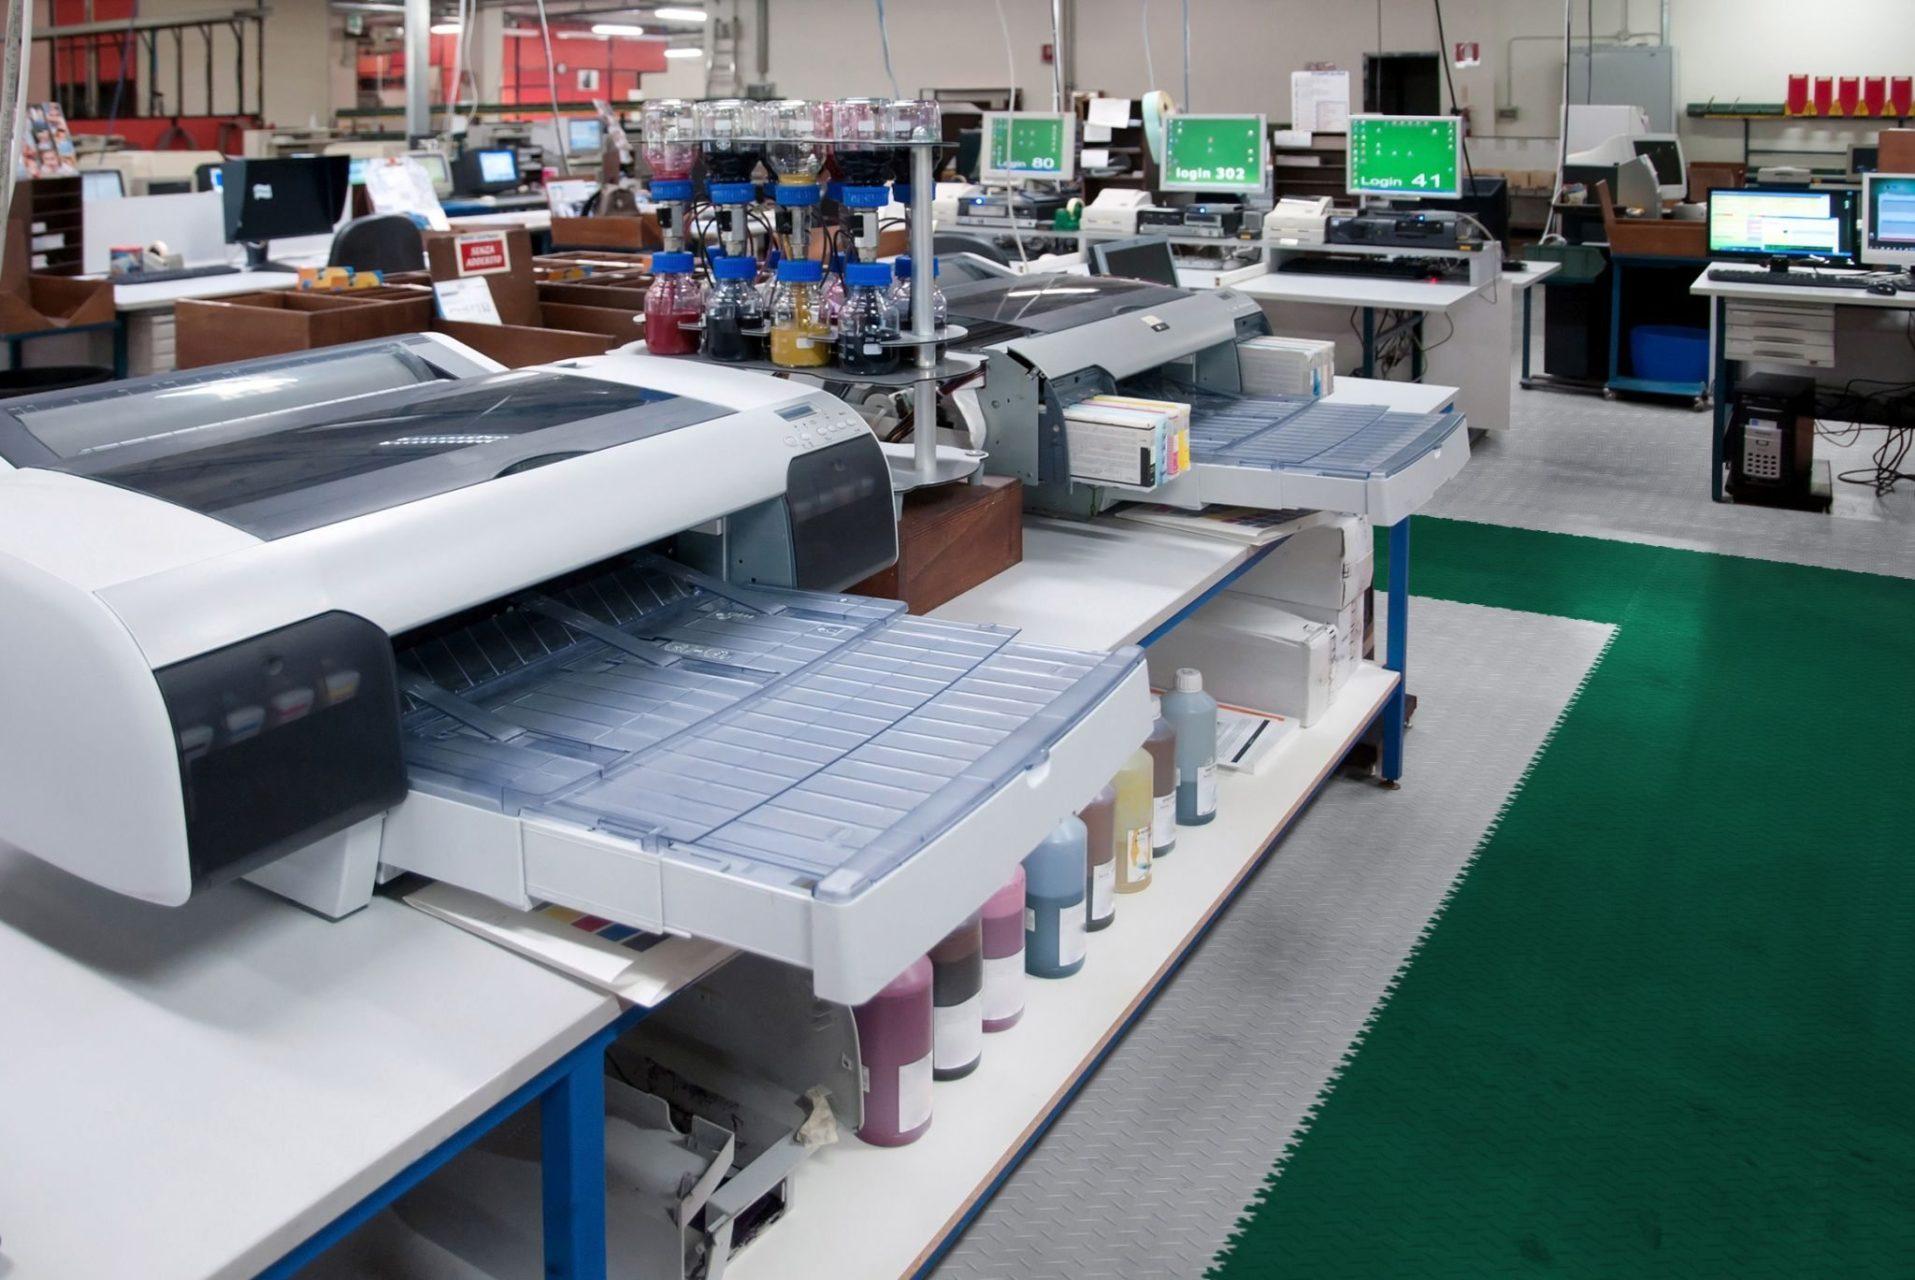 industrieboden-werkstatt-jp-mechanic-pvc-fliese-platte-produktion-fertigung-industriehalle-gabelstaplerbefahrbar-2